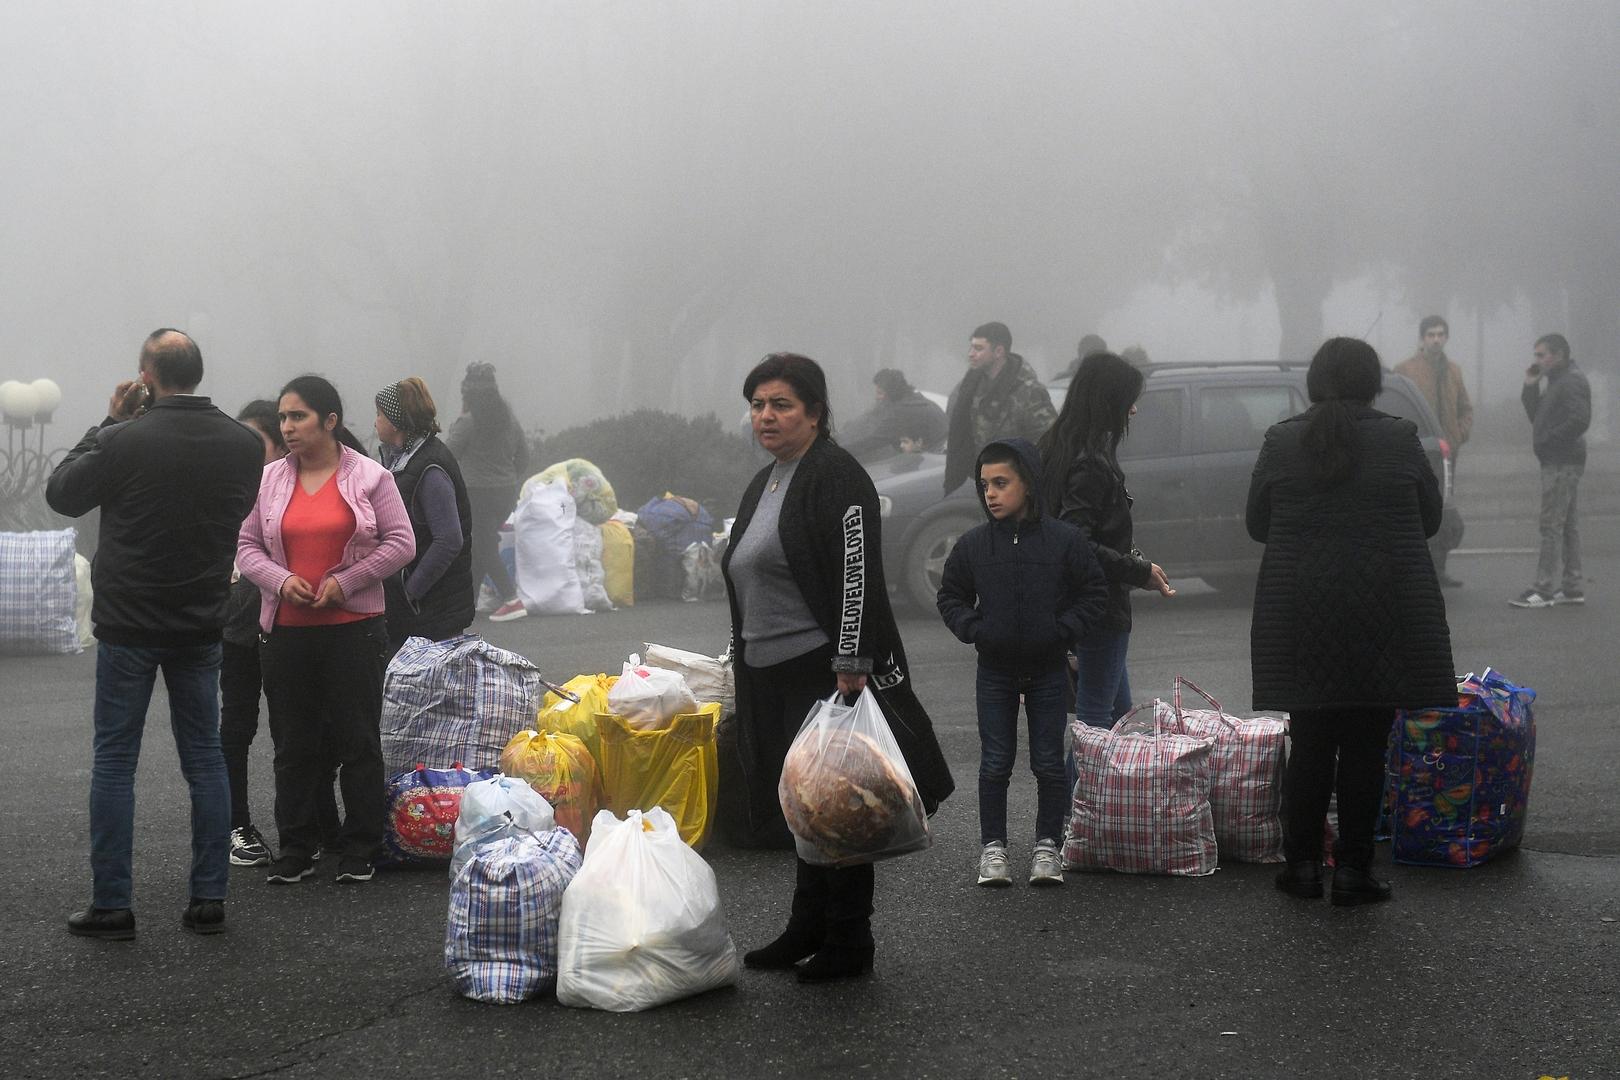 لاجئون أرمن عادوا إلى مركز إقليم قره باغ ستيباناكيرت من أرمينيا.